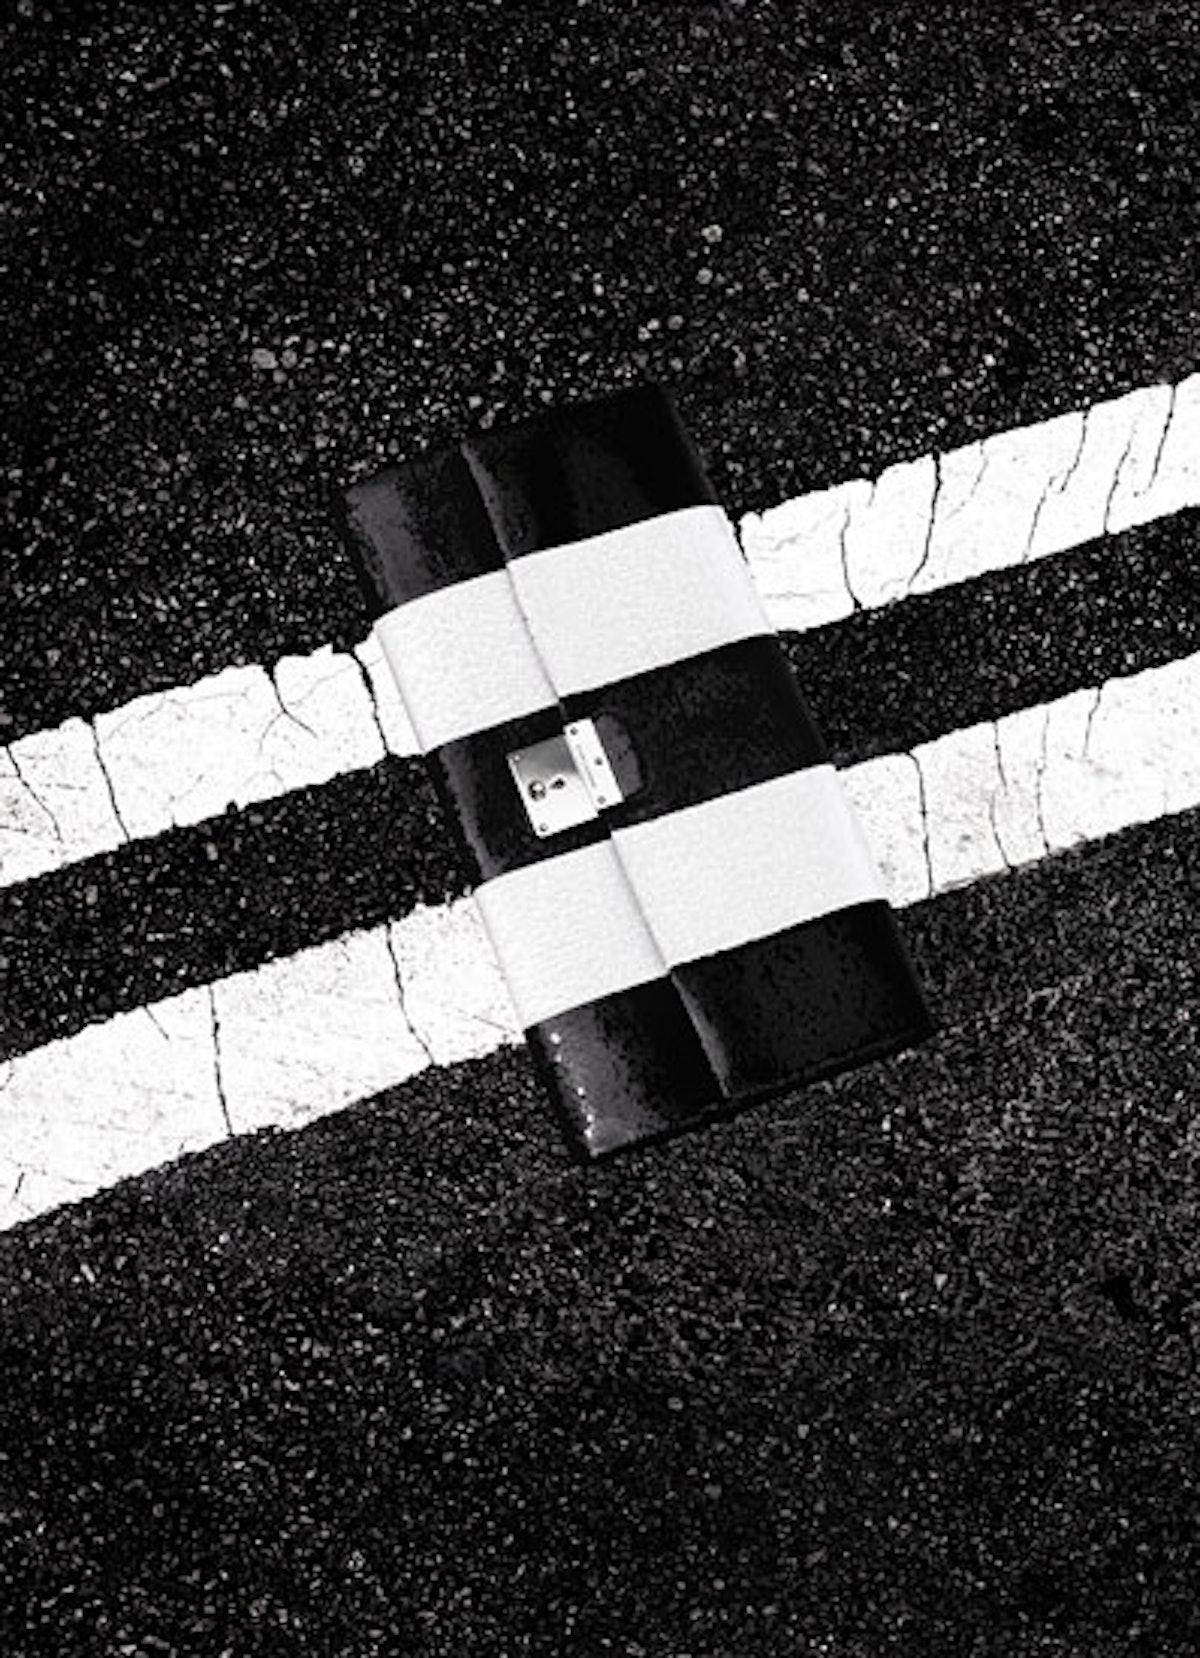 acss-traffic-stopping-bags-01-v.jpg